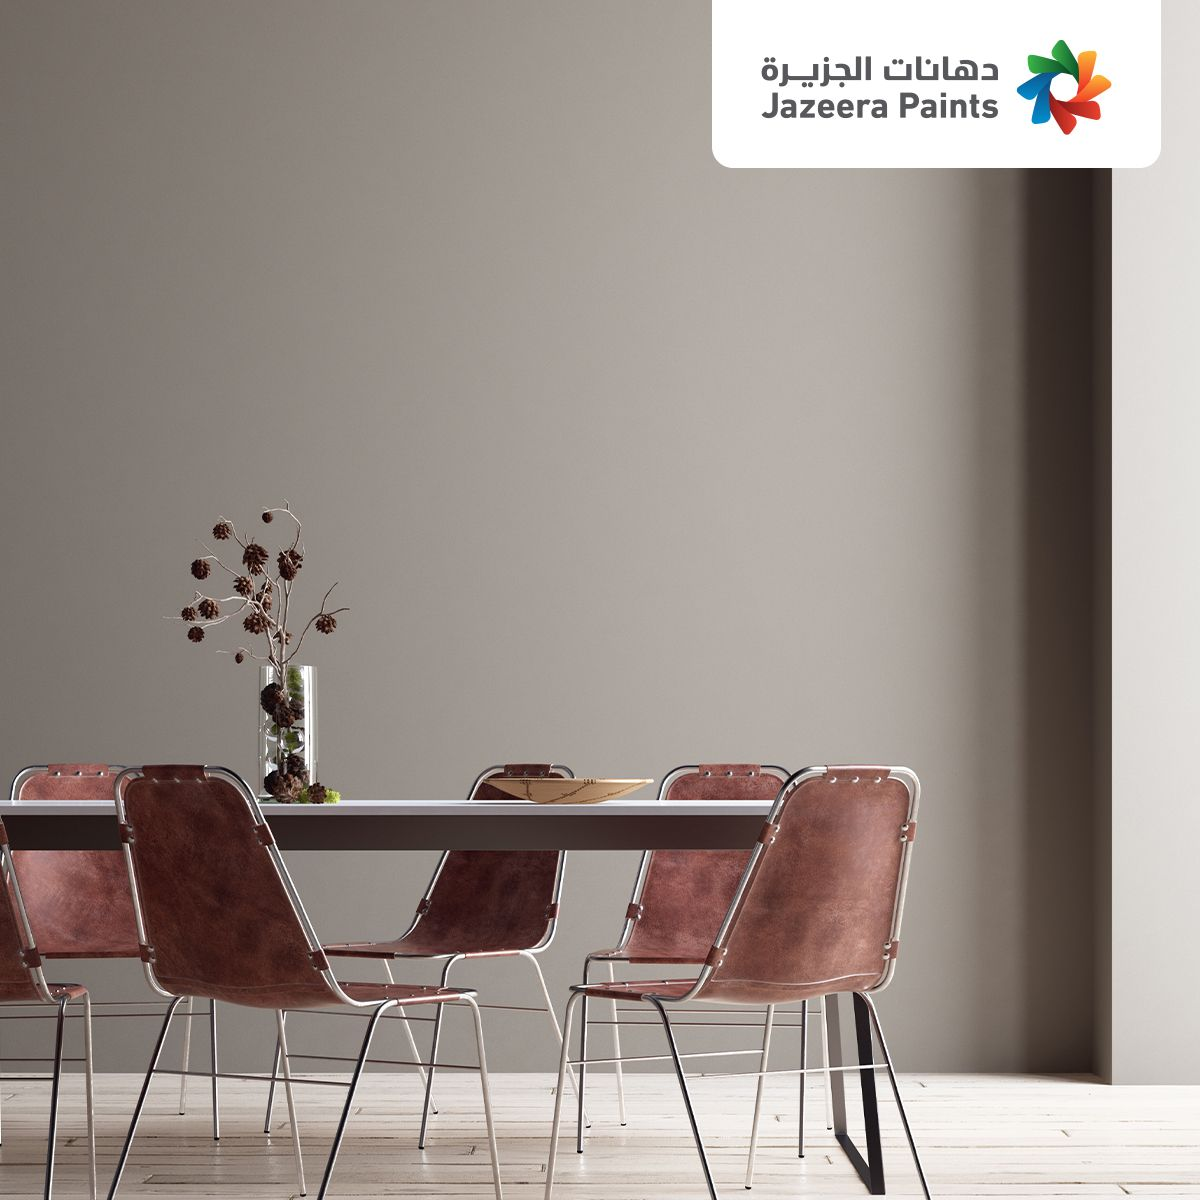 لون ظل الغابة Dining Chairs Home Decor September Colors